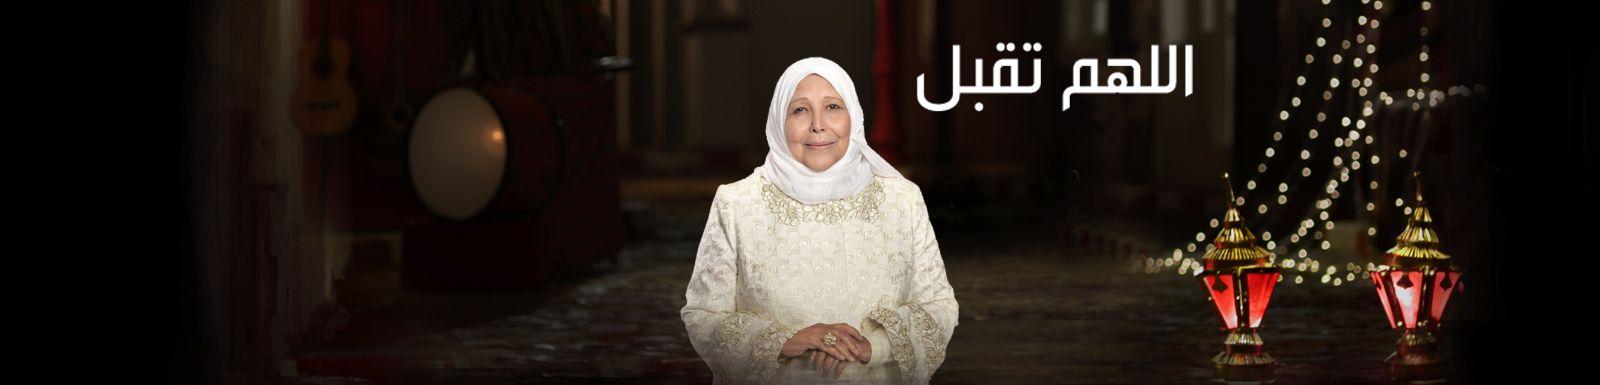 مشاهدة برنامج اللهم تقبل الحلقة الثانية 2 كاملة 2014 يوتيوب